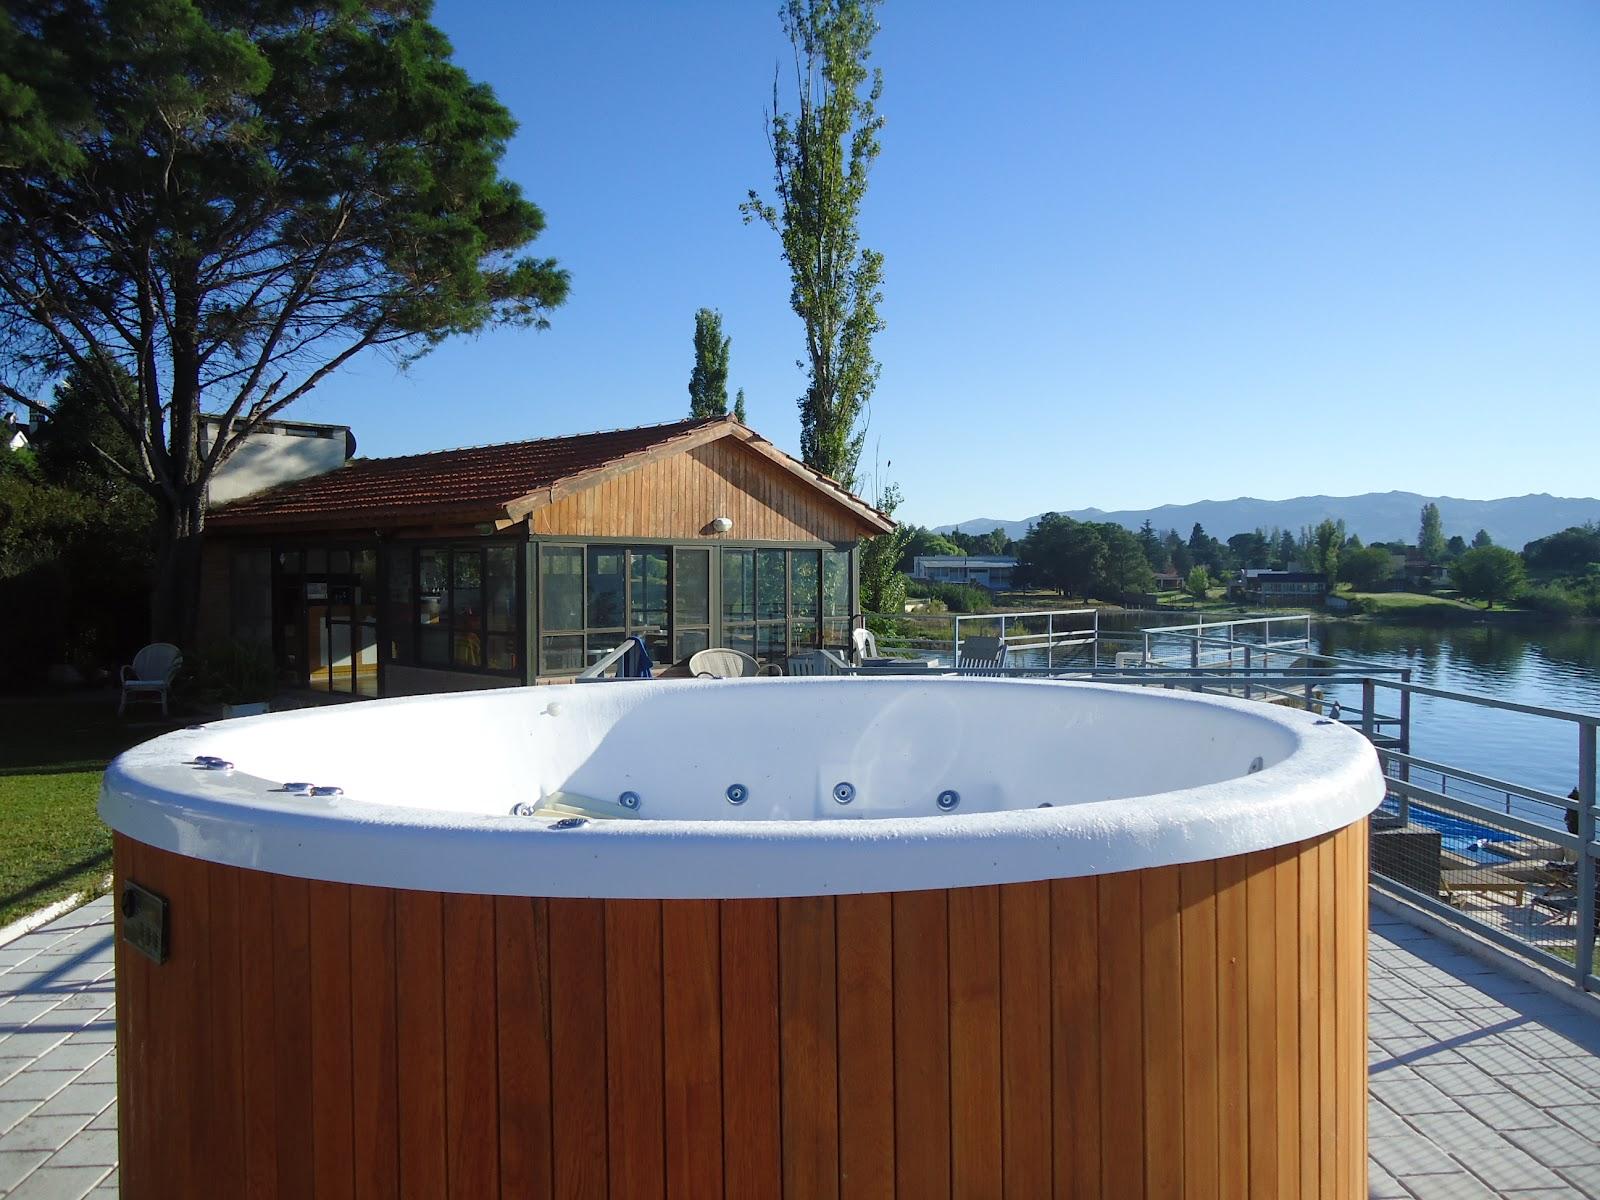 Ruhaj mini piscina 230x90 en el jard n de un cliente for Piscinas jardin cordoba